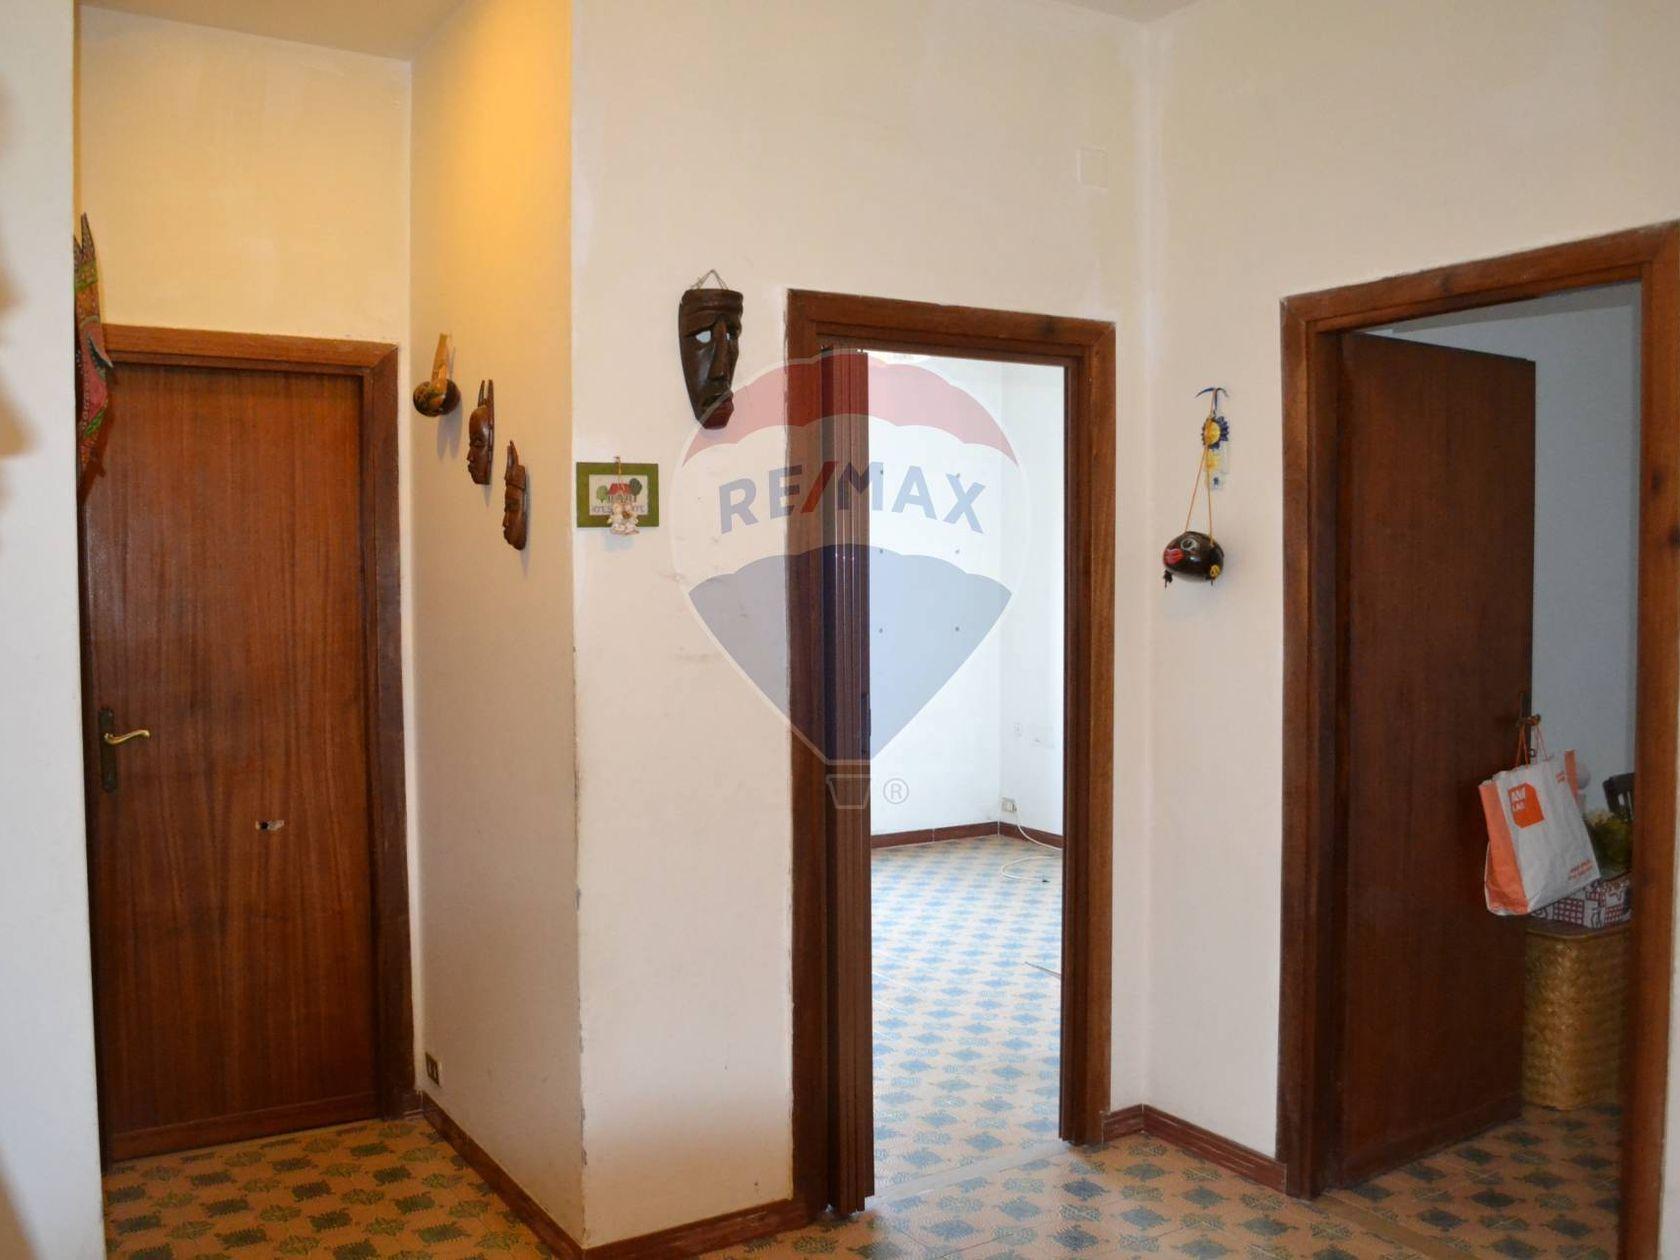 Appartamento San Polo dei Cavalieri, RM Vendita - Foto 3